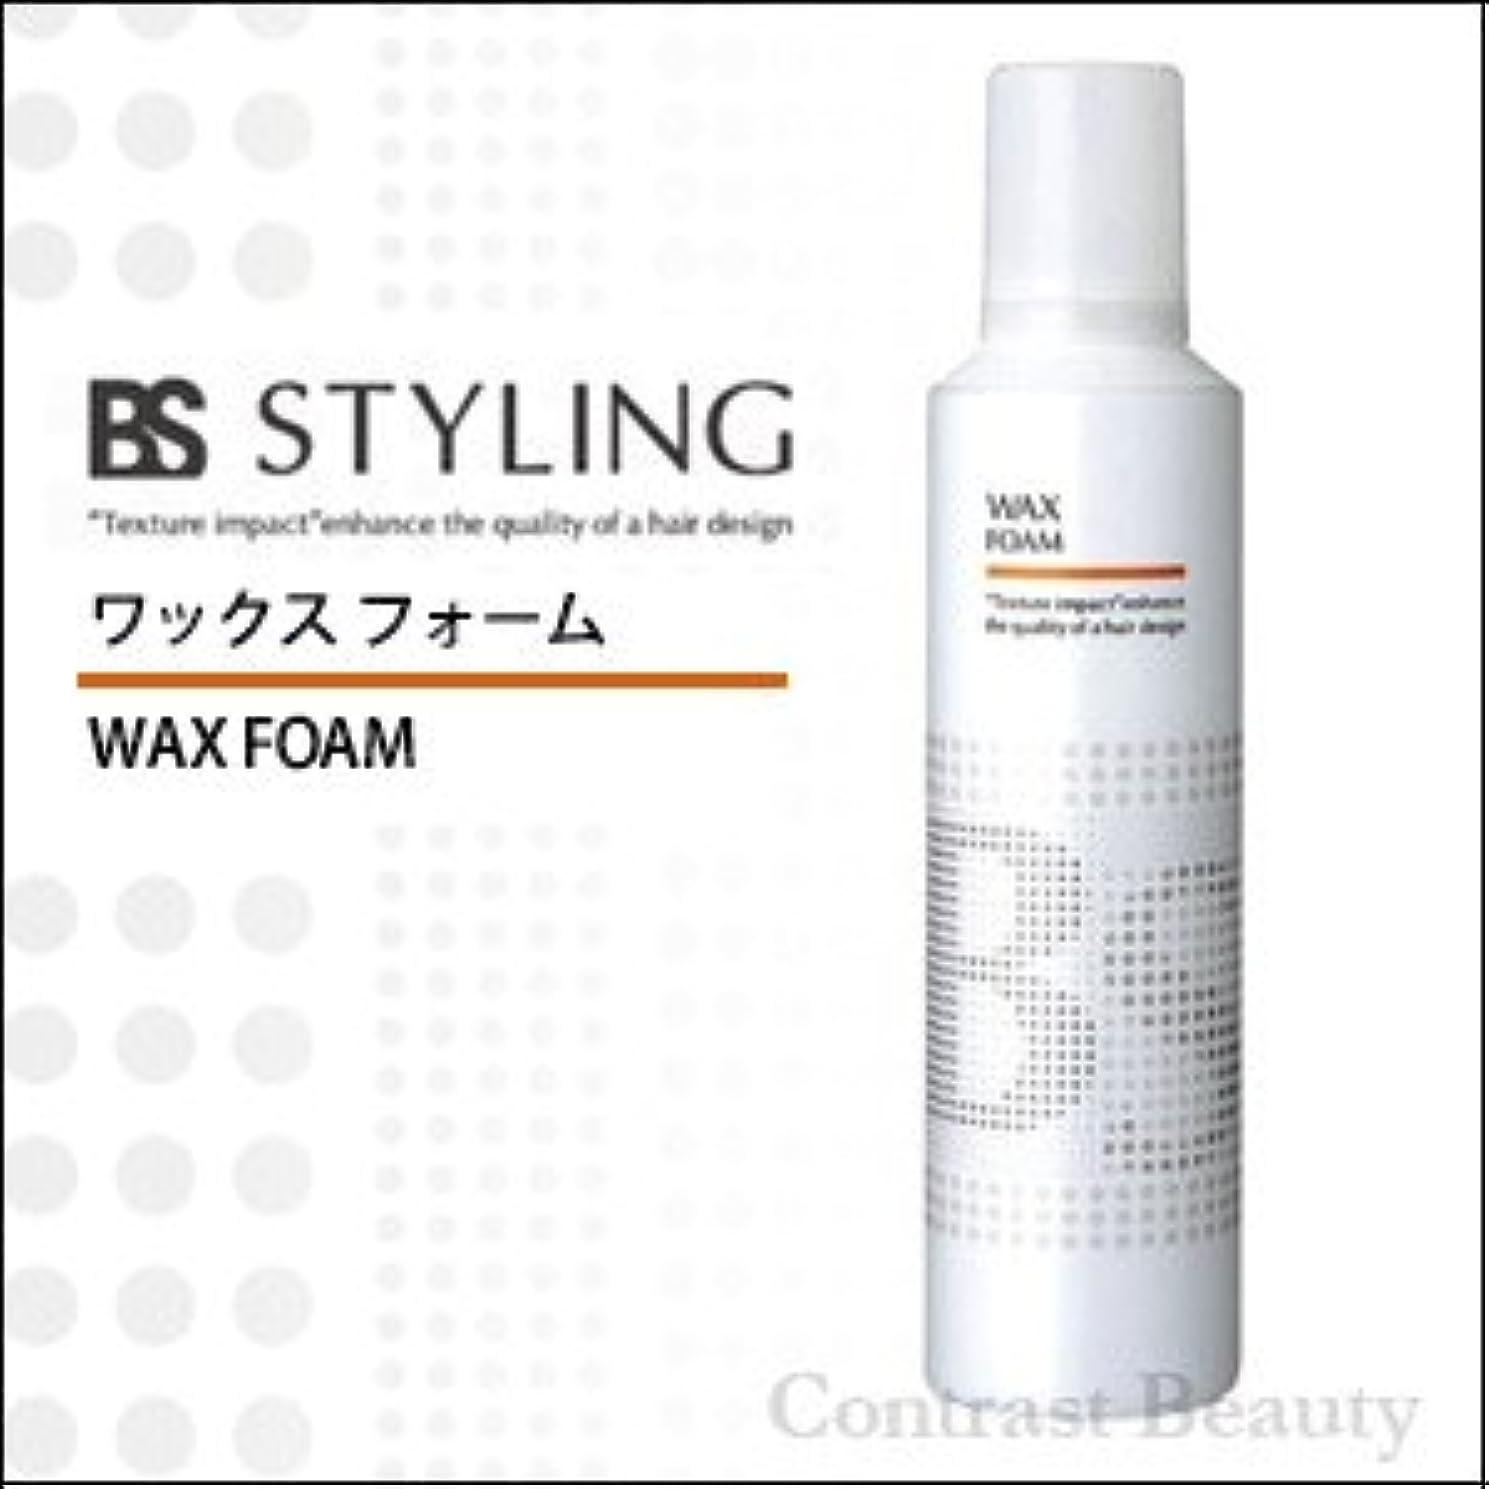 あごラインナップ元気【X4個セット】 アリミノ BSスタイリングFOAM ワックスフォーム 230g